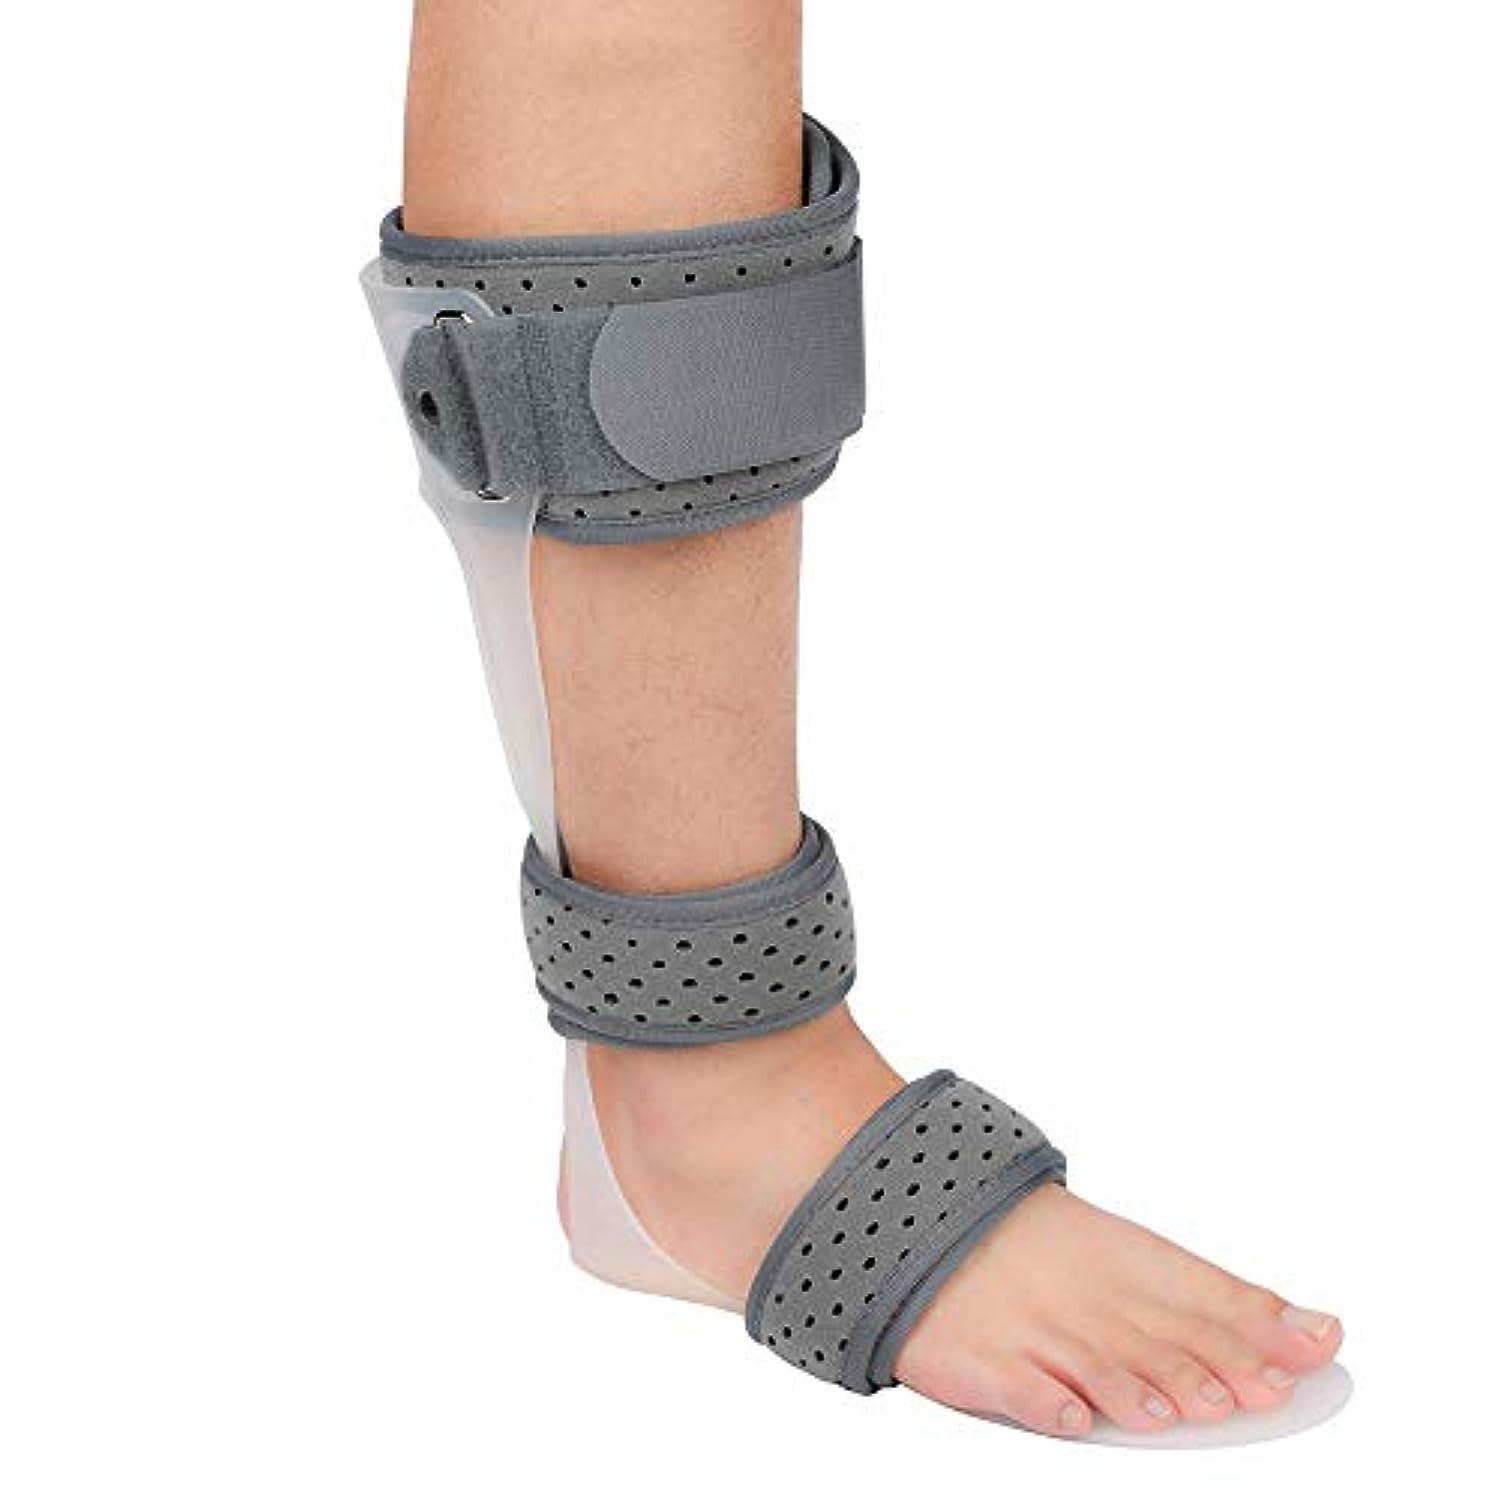 足首装具フットドロップブレース、足首スタビライザーブレース、足ドロップ副木、足首保護用補正ブレース